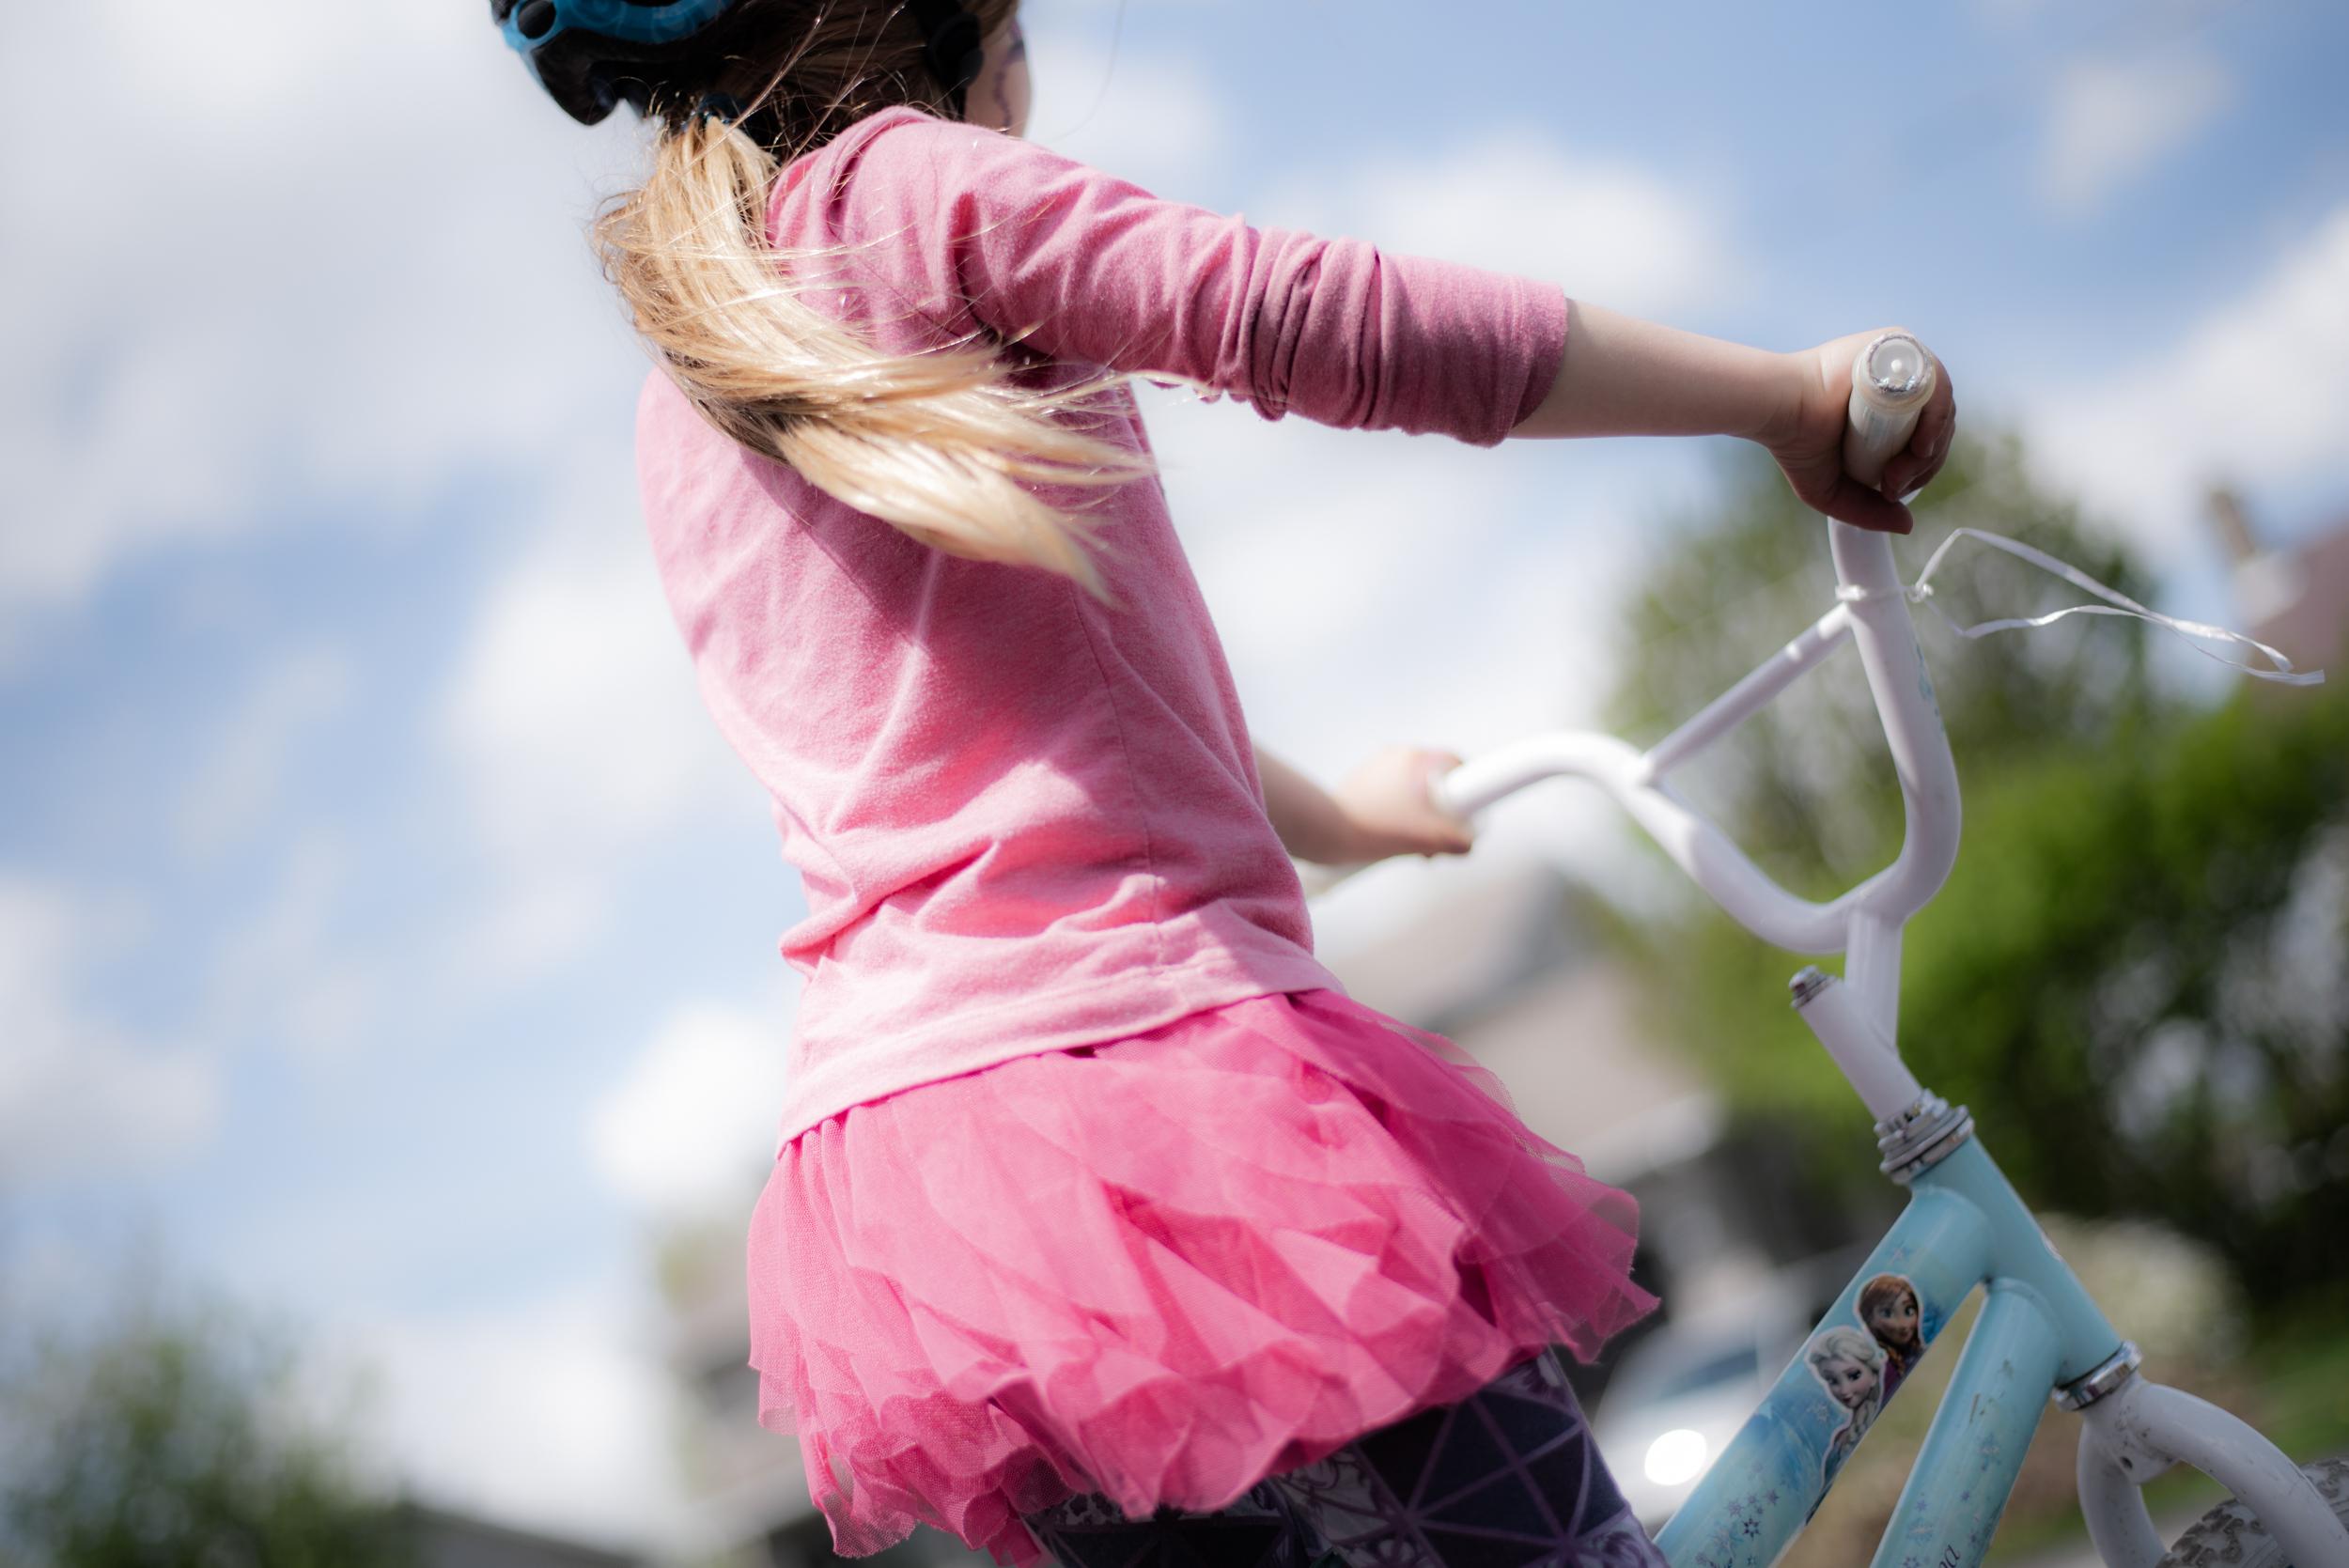 enfant-absente-frousse-peur-histoire-vécue-école-inquiétude-accident-enlèvement